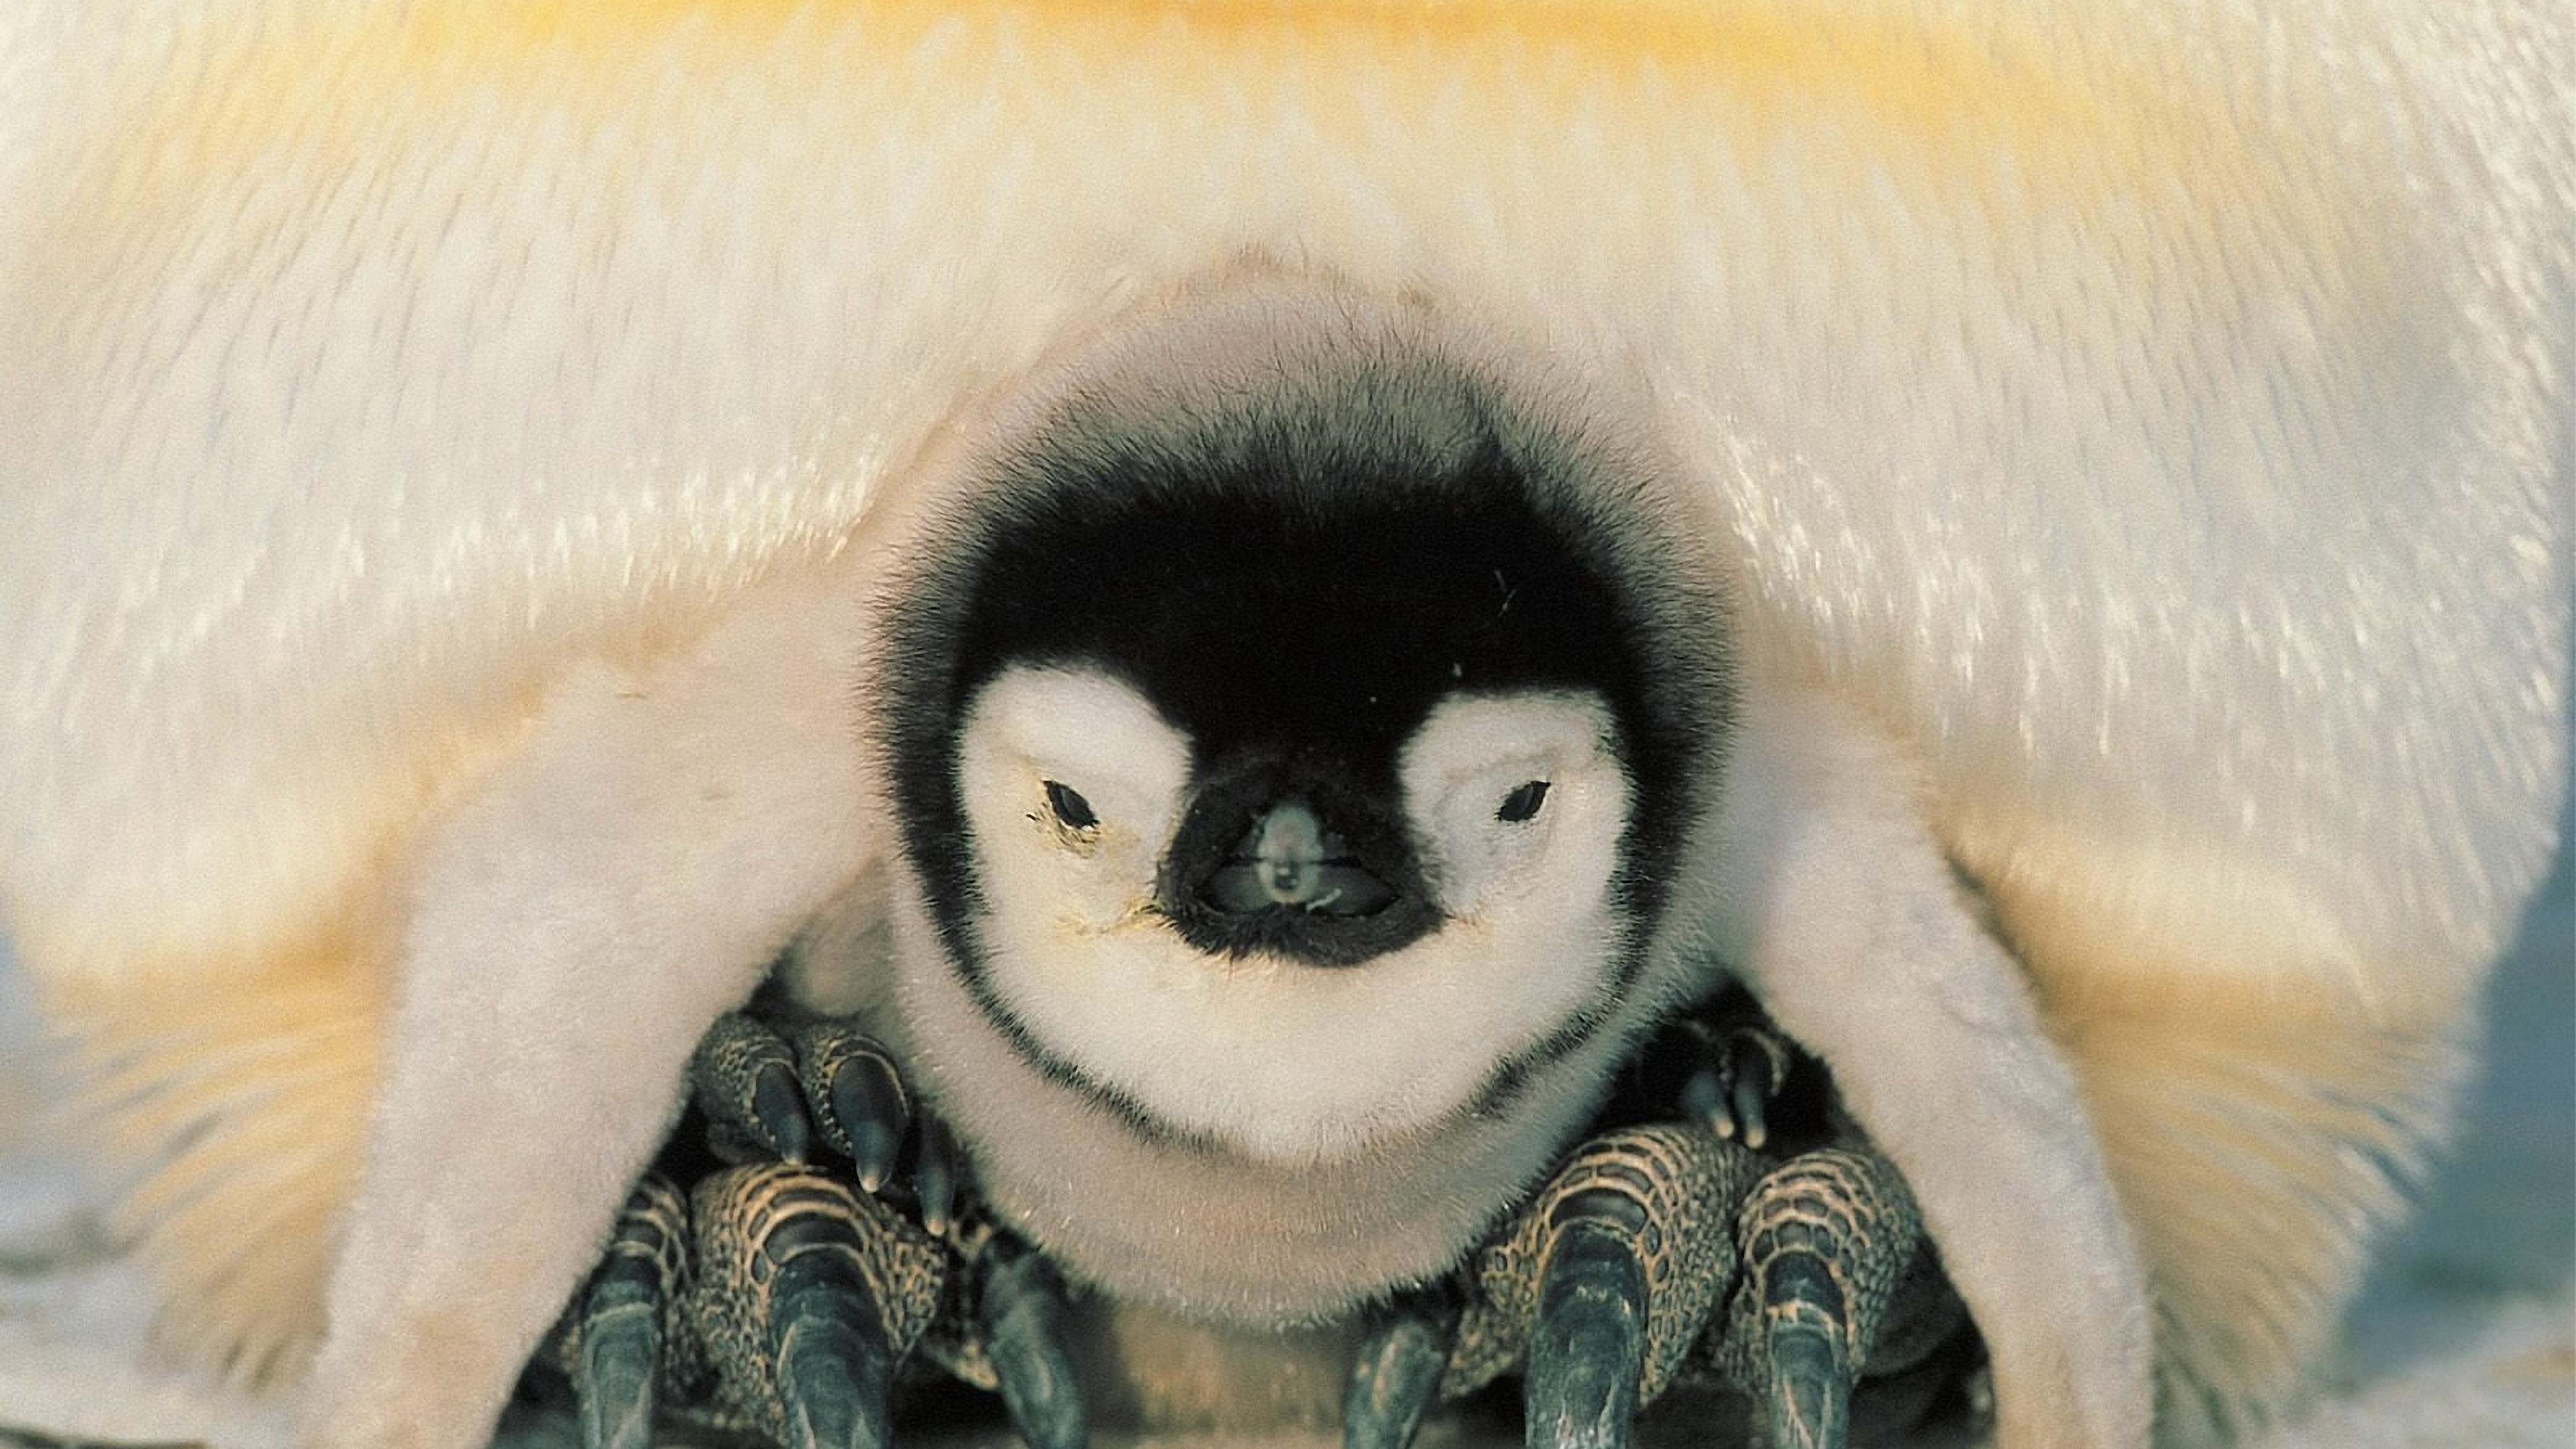 penguins north penguin chick 4k 1542241620 - penguins, north, penguin, chick 4k - Penguins, Penguin, North